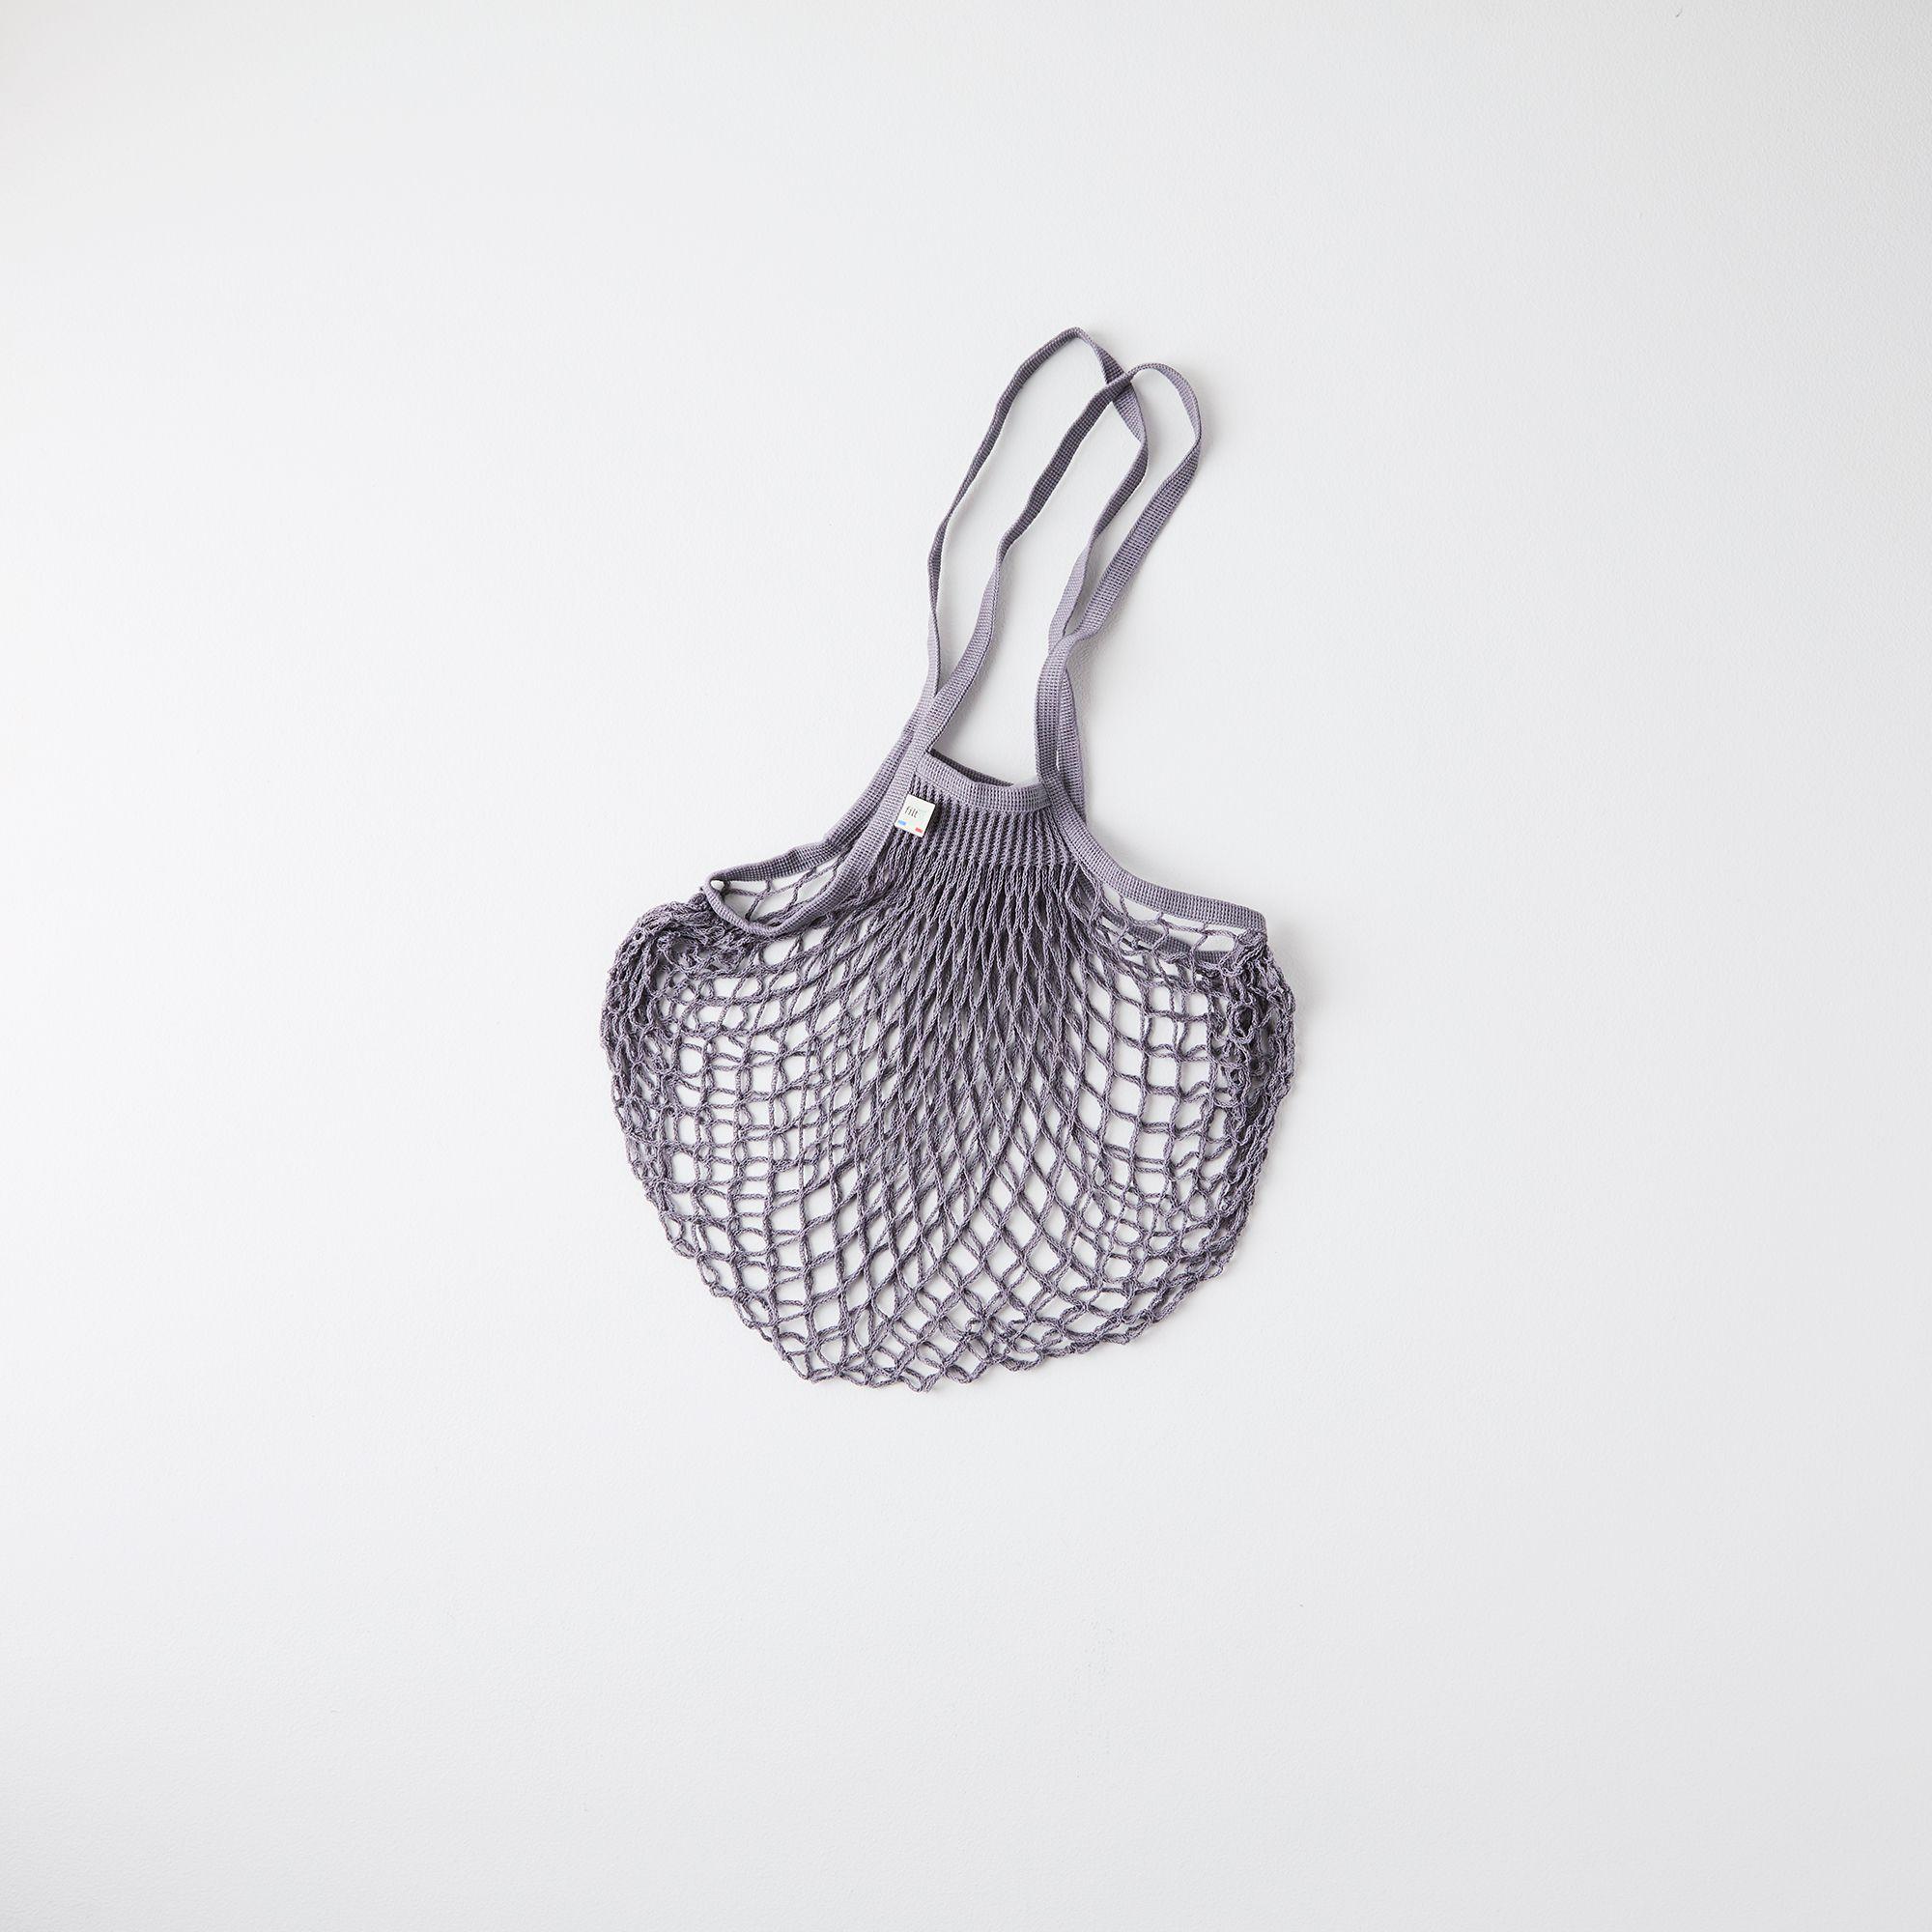 a0bb0a0e-3ae3-40e1-9678-27e375e0a54b–2019-0109_filt_filt-market-bag_dark-grey_silo_ty-mecham_001